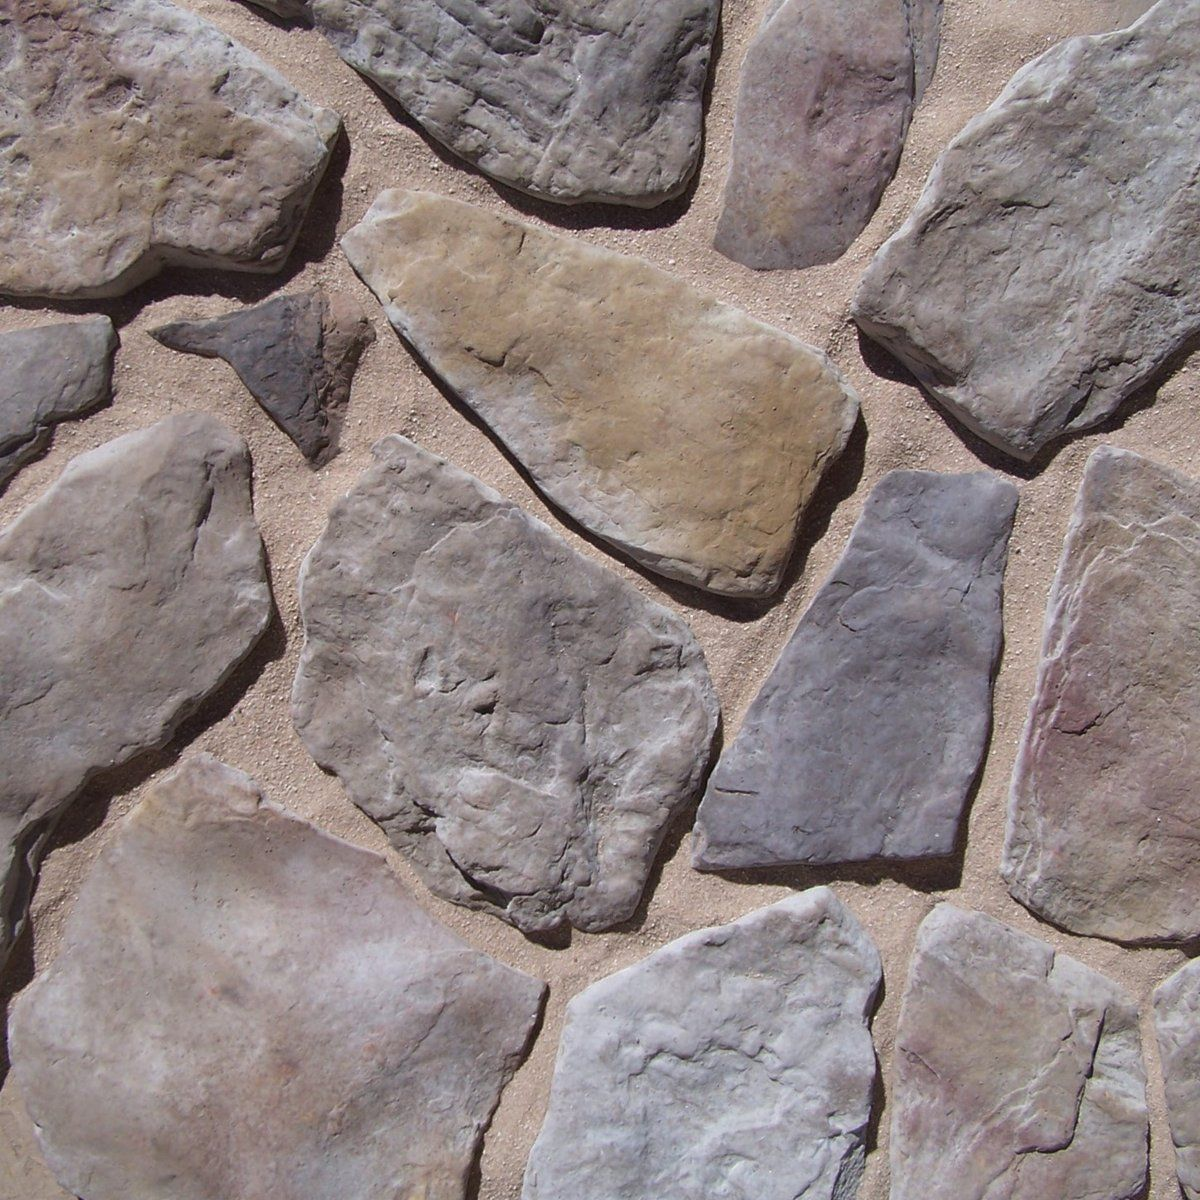 Patiostone Veneer Accent Wall: Field Stone - Appalachian In 2019